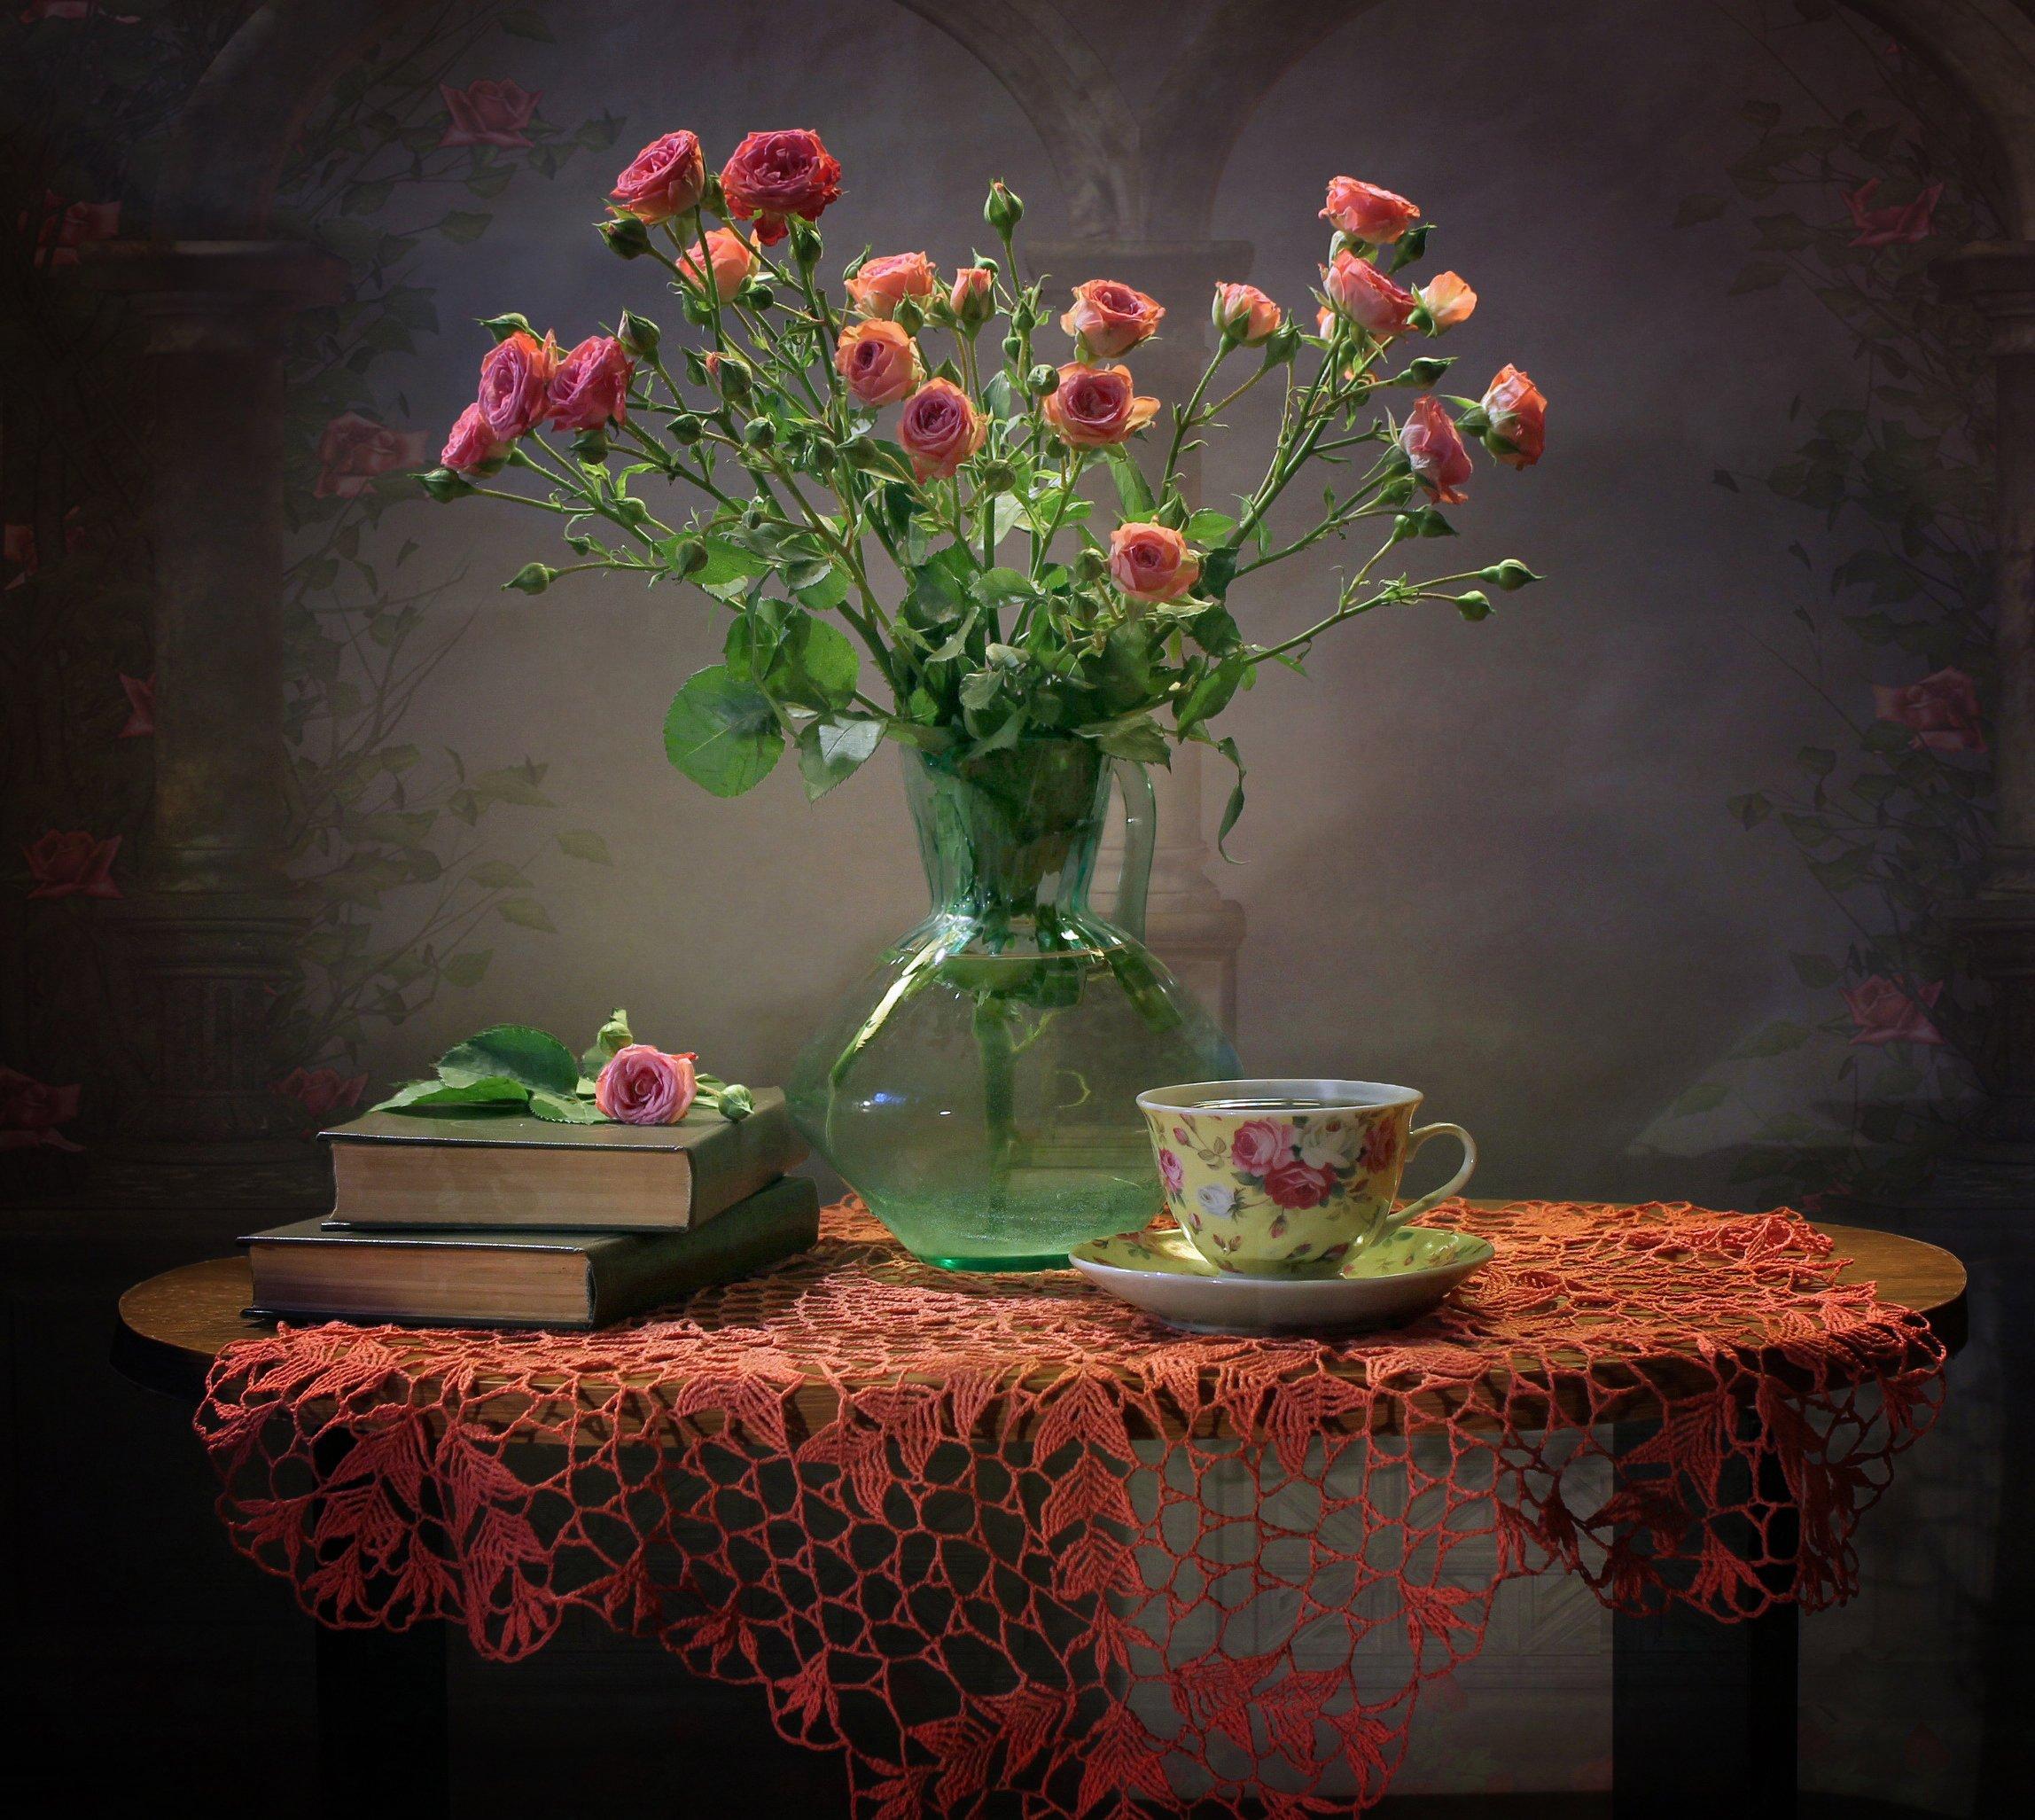 натюрморт, цветы, розы, книги, Ковалева Светлана